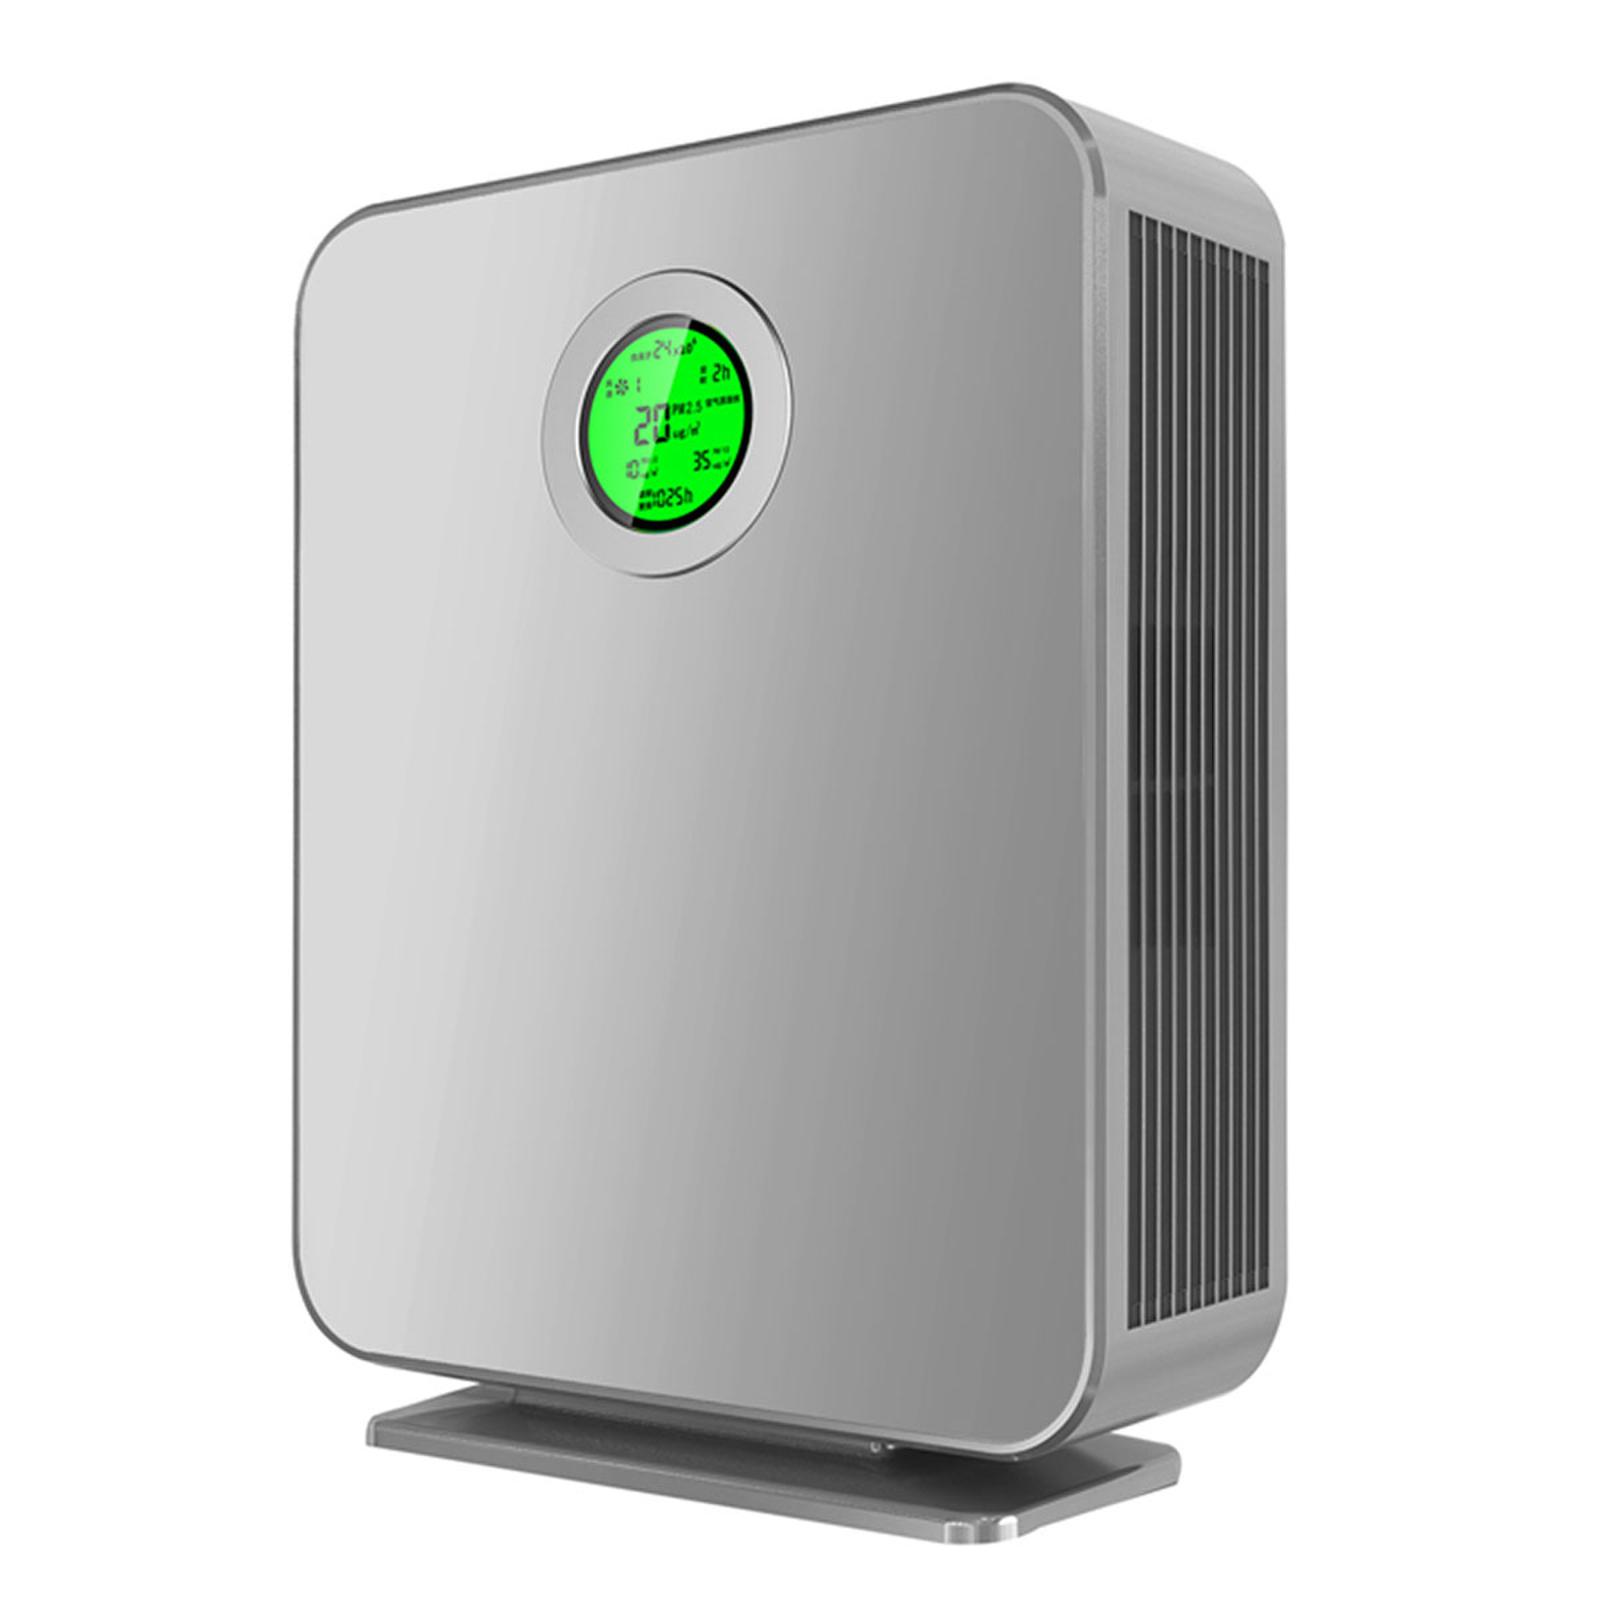 Oczyszczacz powietrza NEVOOX LF 2000 UV-C